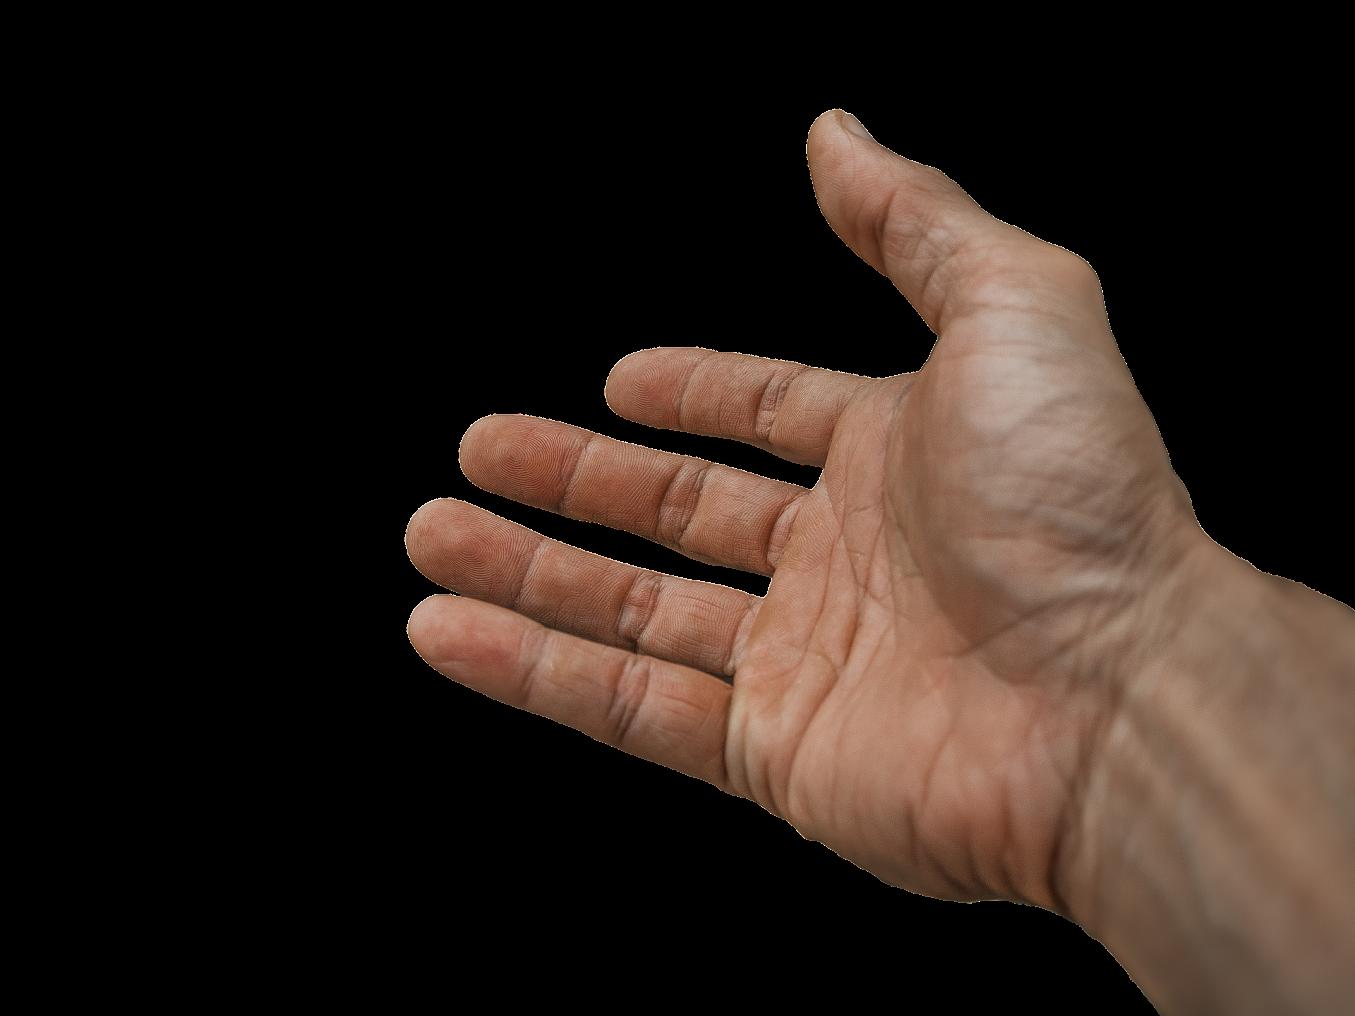 Avoin käsi.